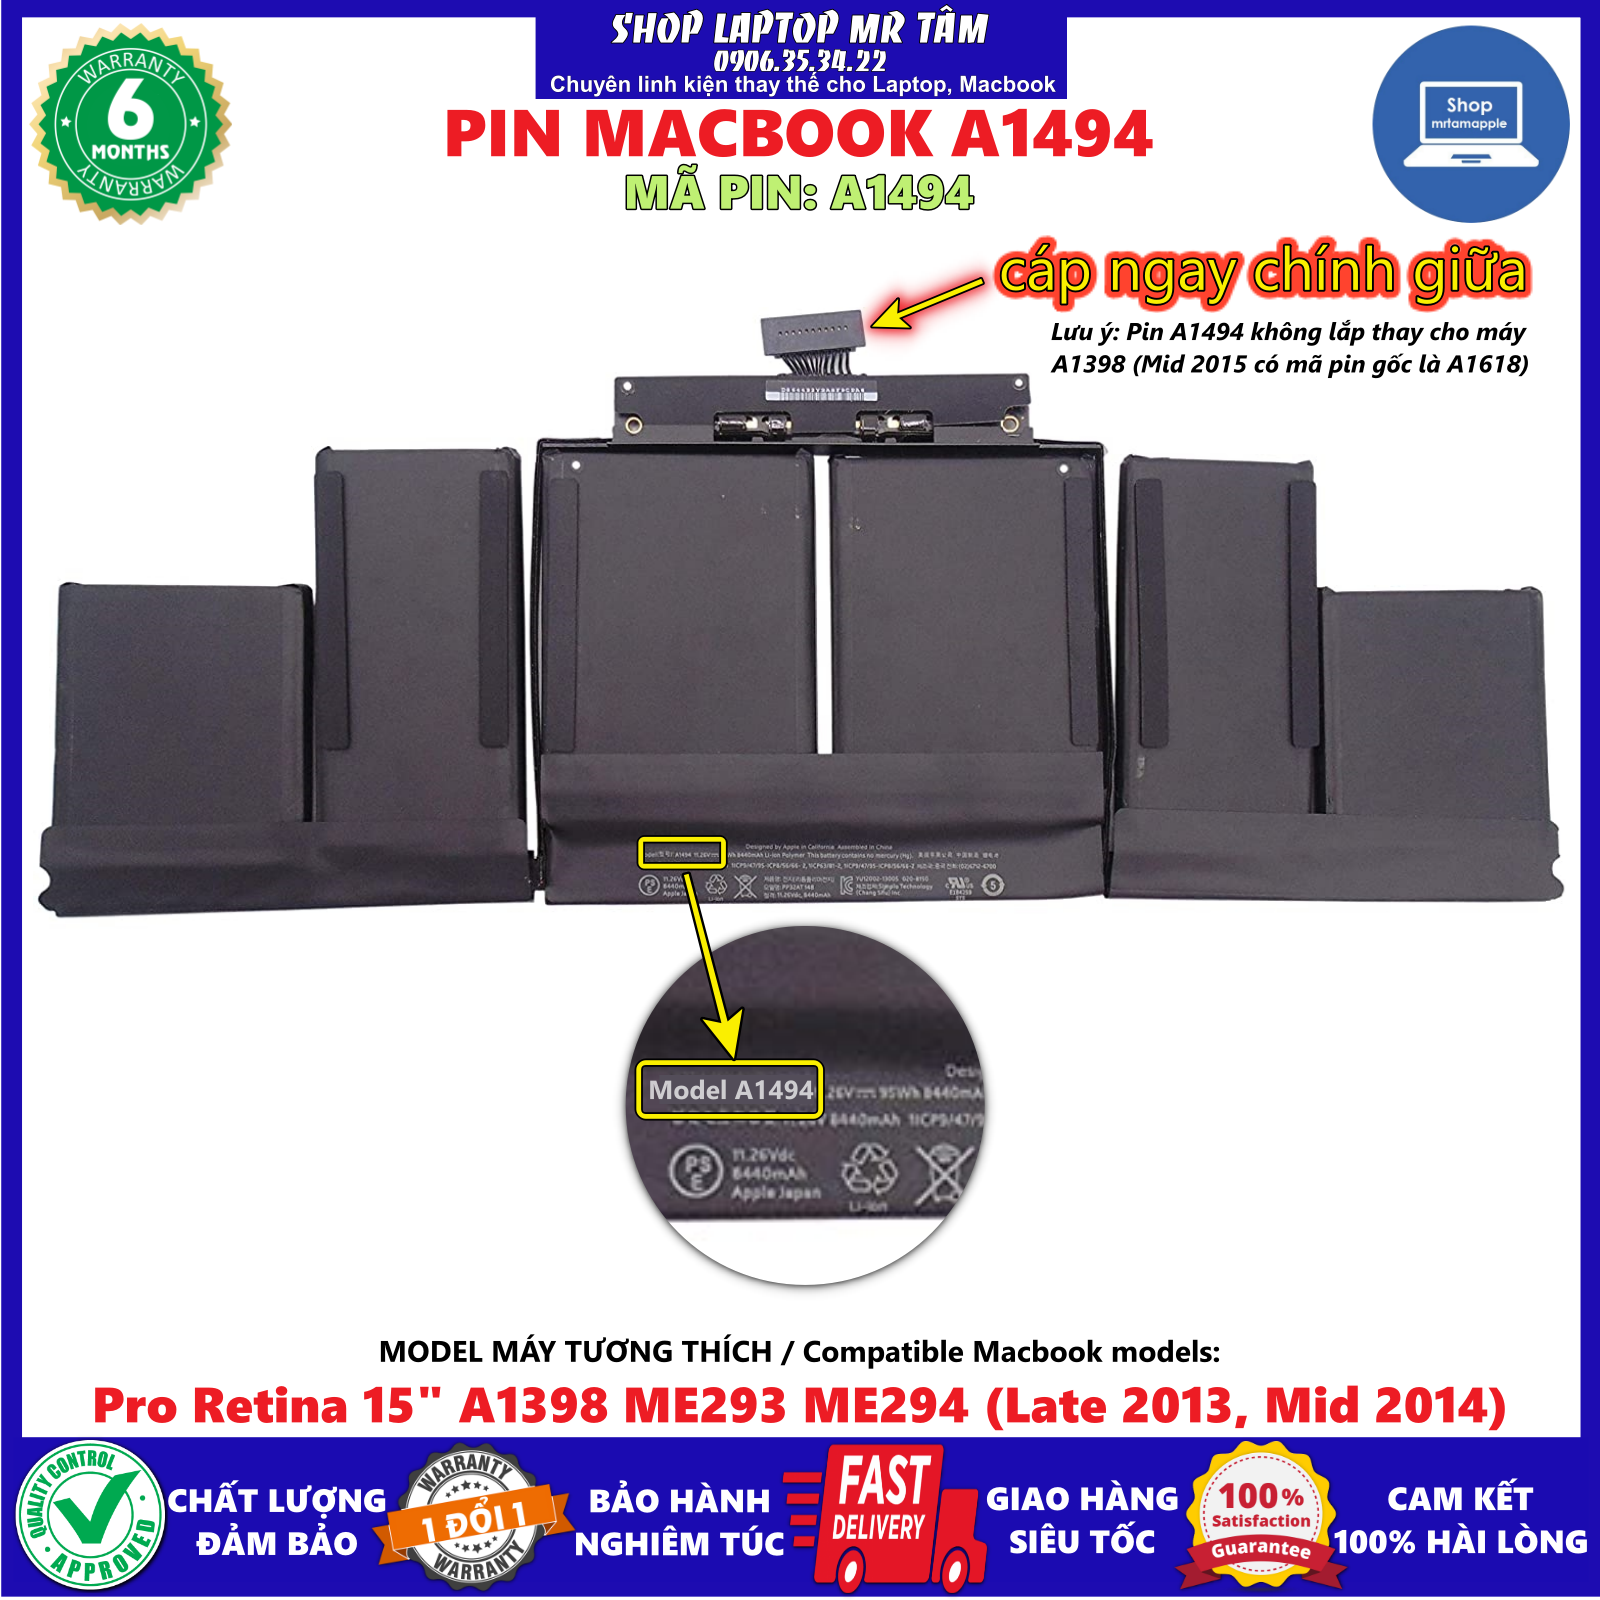 """Pin Macbook A1494 (ZIN) dùng cho Pro Retina 15"""" A1398 ME293 ME294 Late 2013 Mid 2014, sản phẩm đúng mô tả chất lượng, bảo hành sản phẩm (1 đổi mới 1)"""